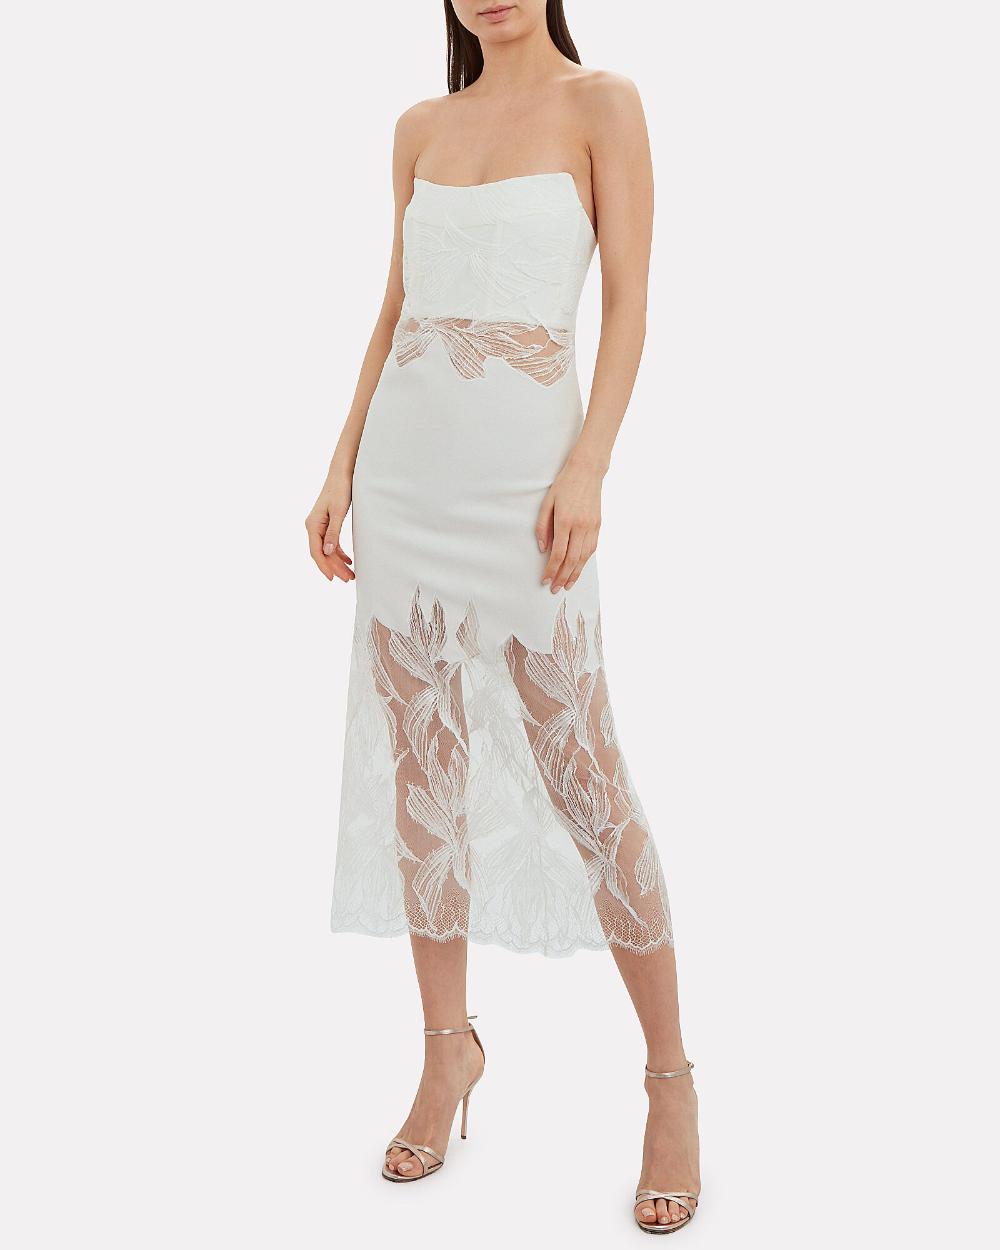 Lace Applique Suspended Dress Dresses Applique Dress Lace Dress [ 1250 x 1000 Pixel ]